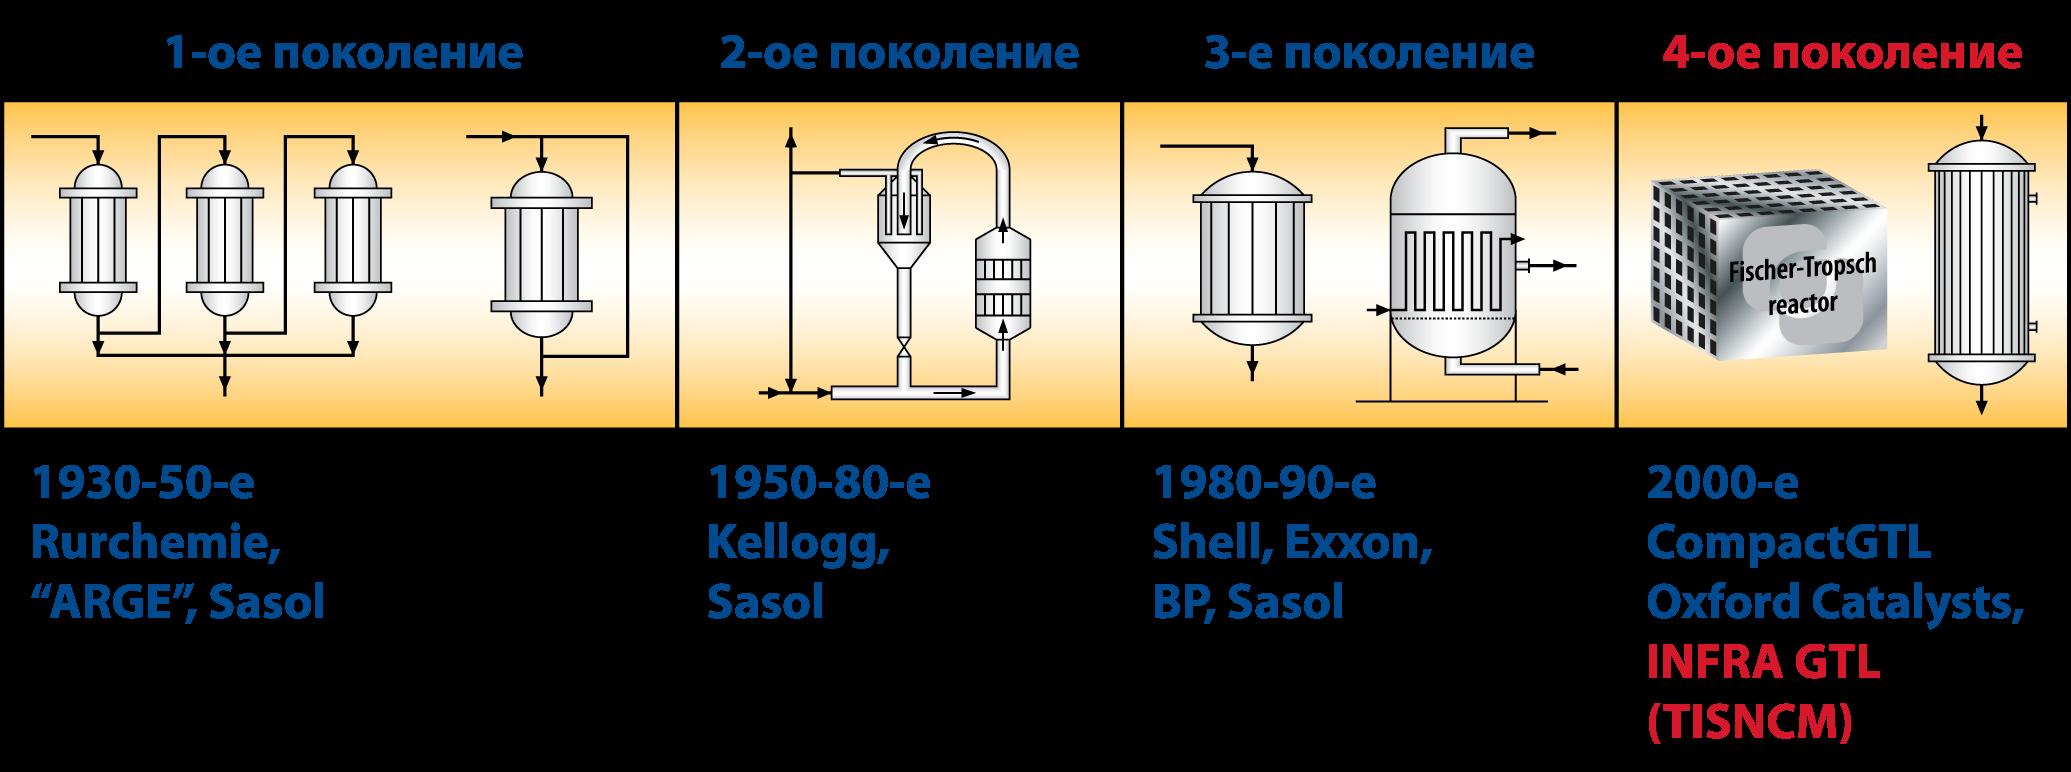 57) реакторный модуль для синтеза фишера-тропша, состоящий из, в общем, прямоугольного реакторного блока (10)